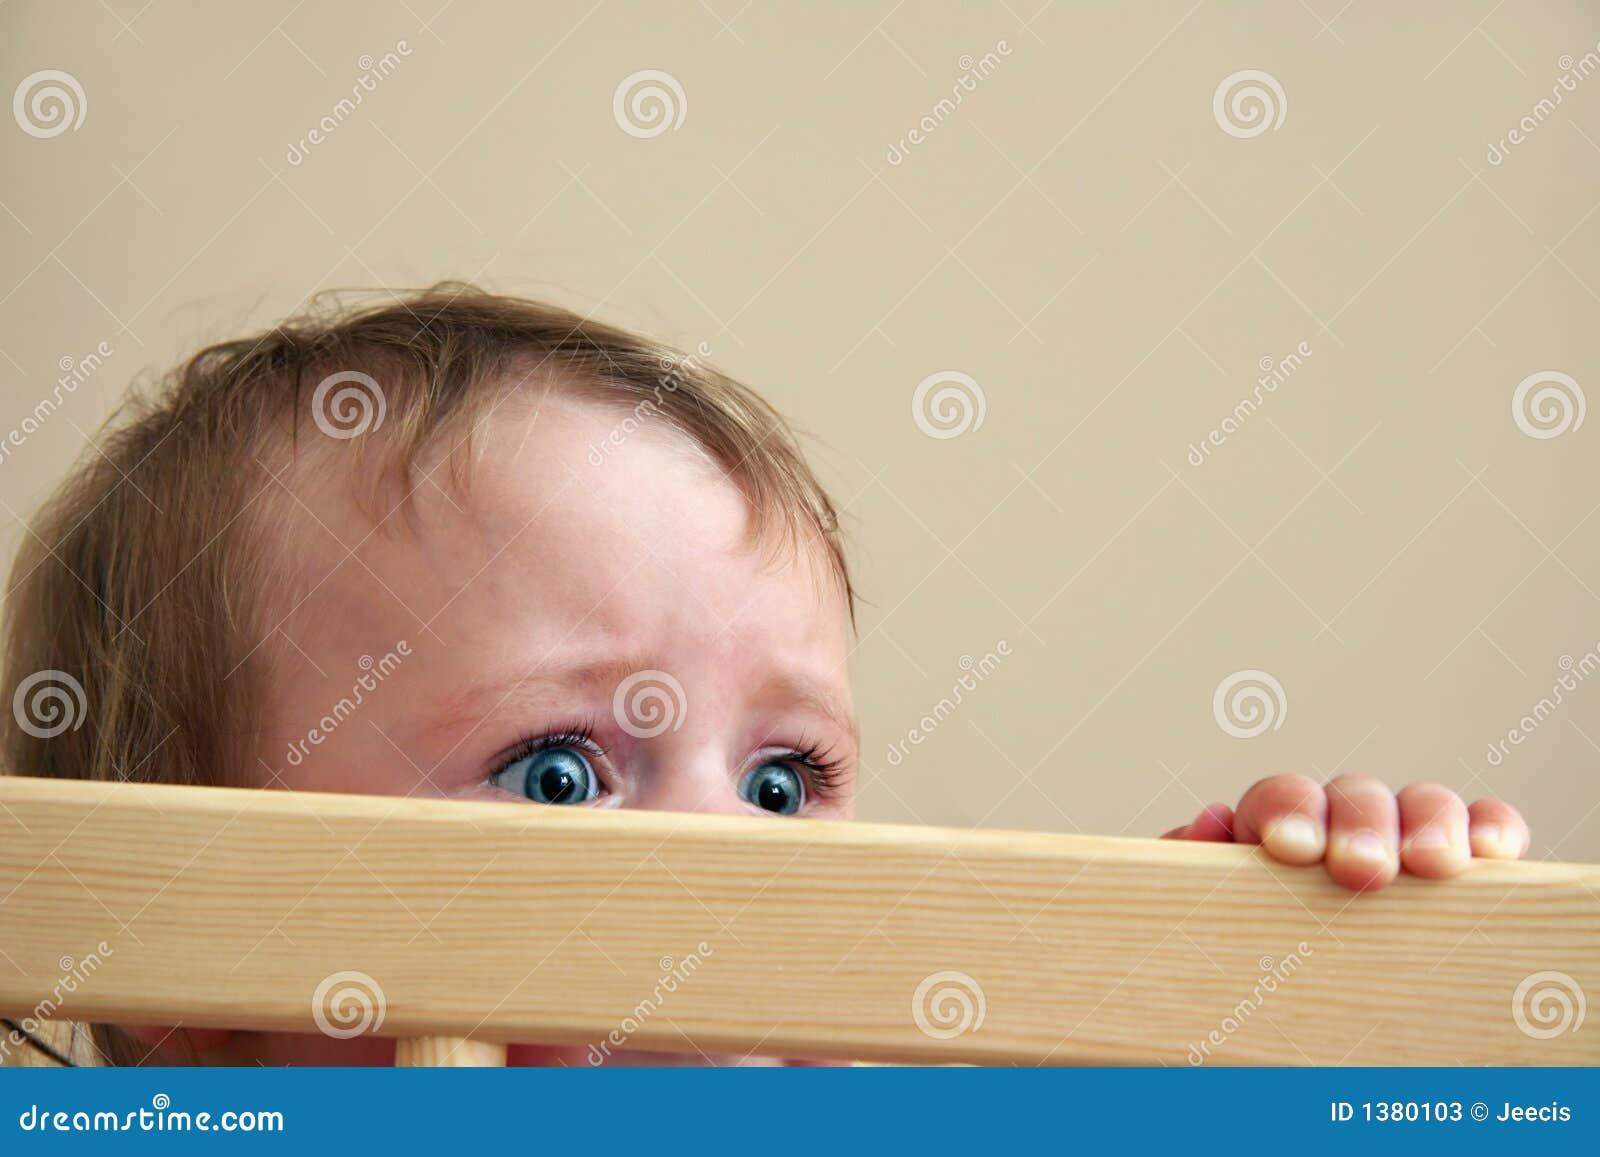 Timore negli occhi del bambino